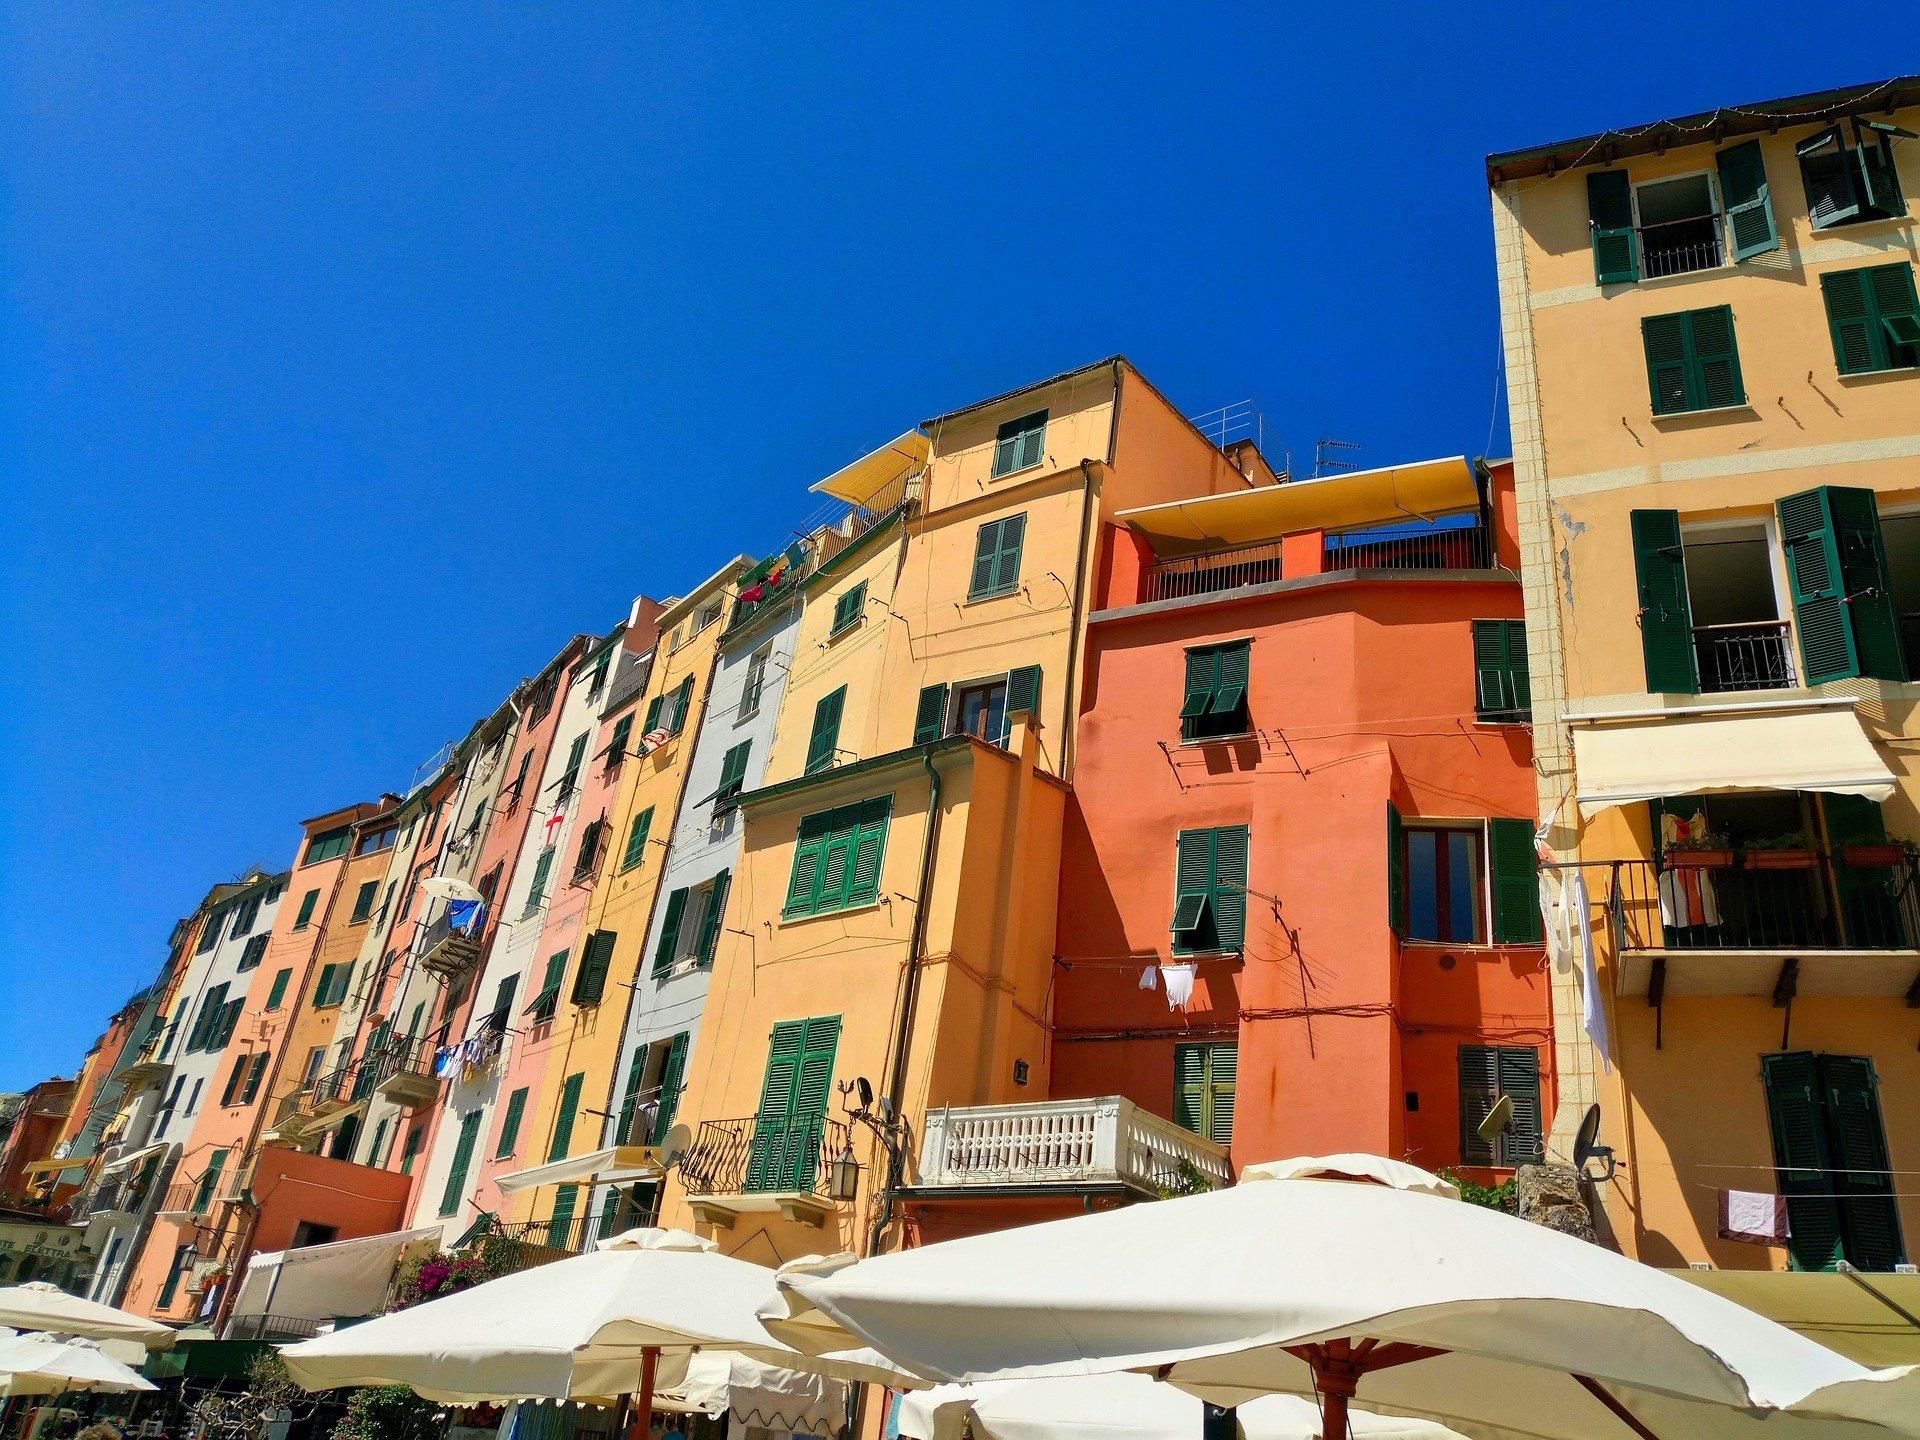 Portovenere, Ligurië, Italië